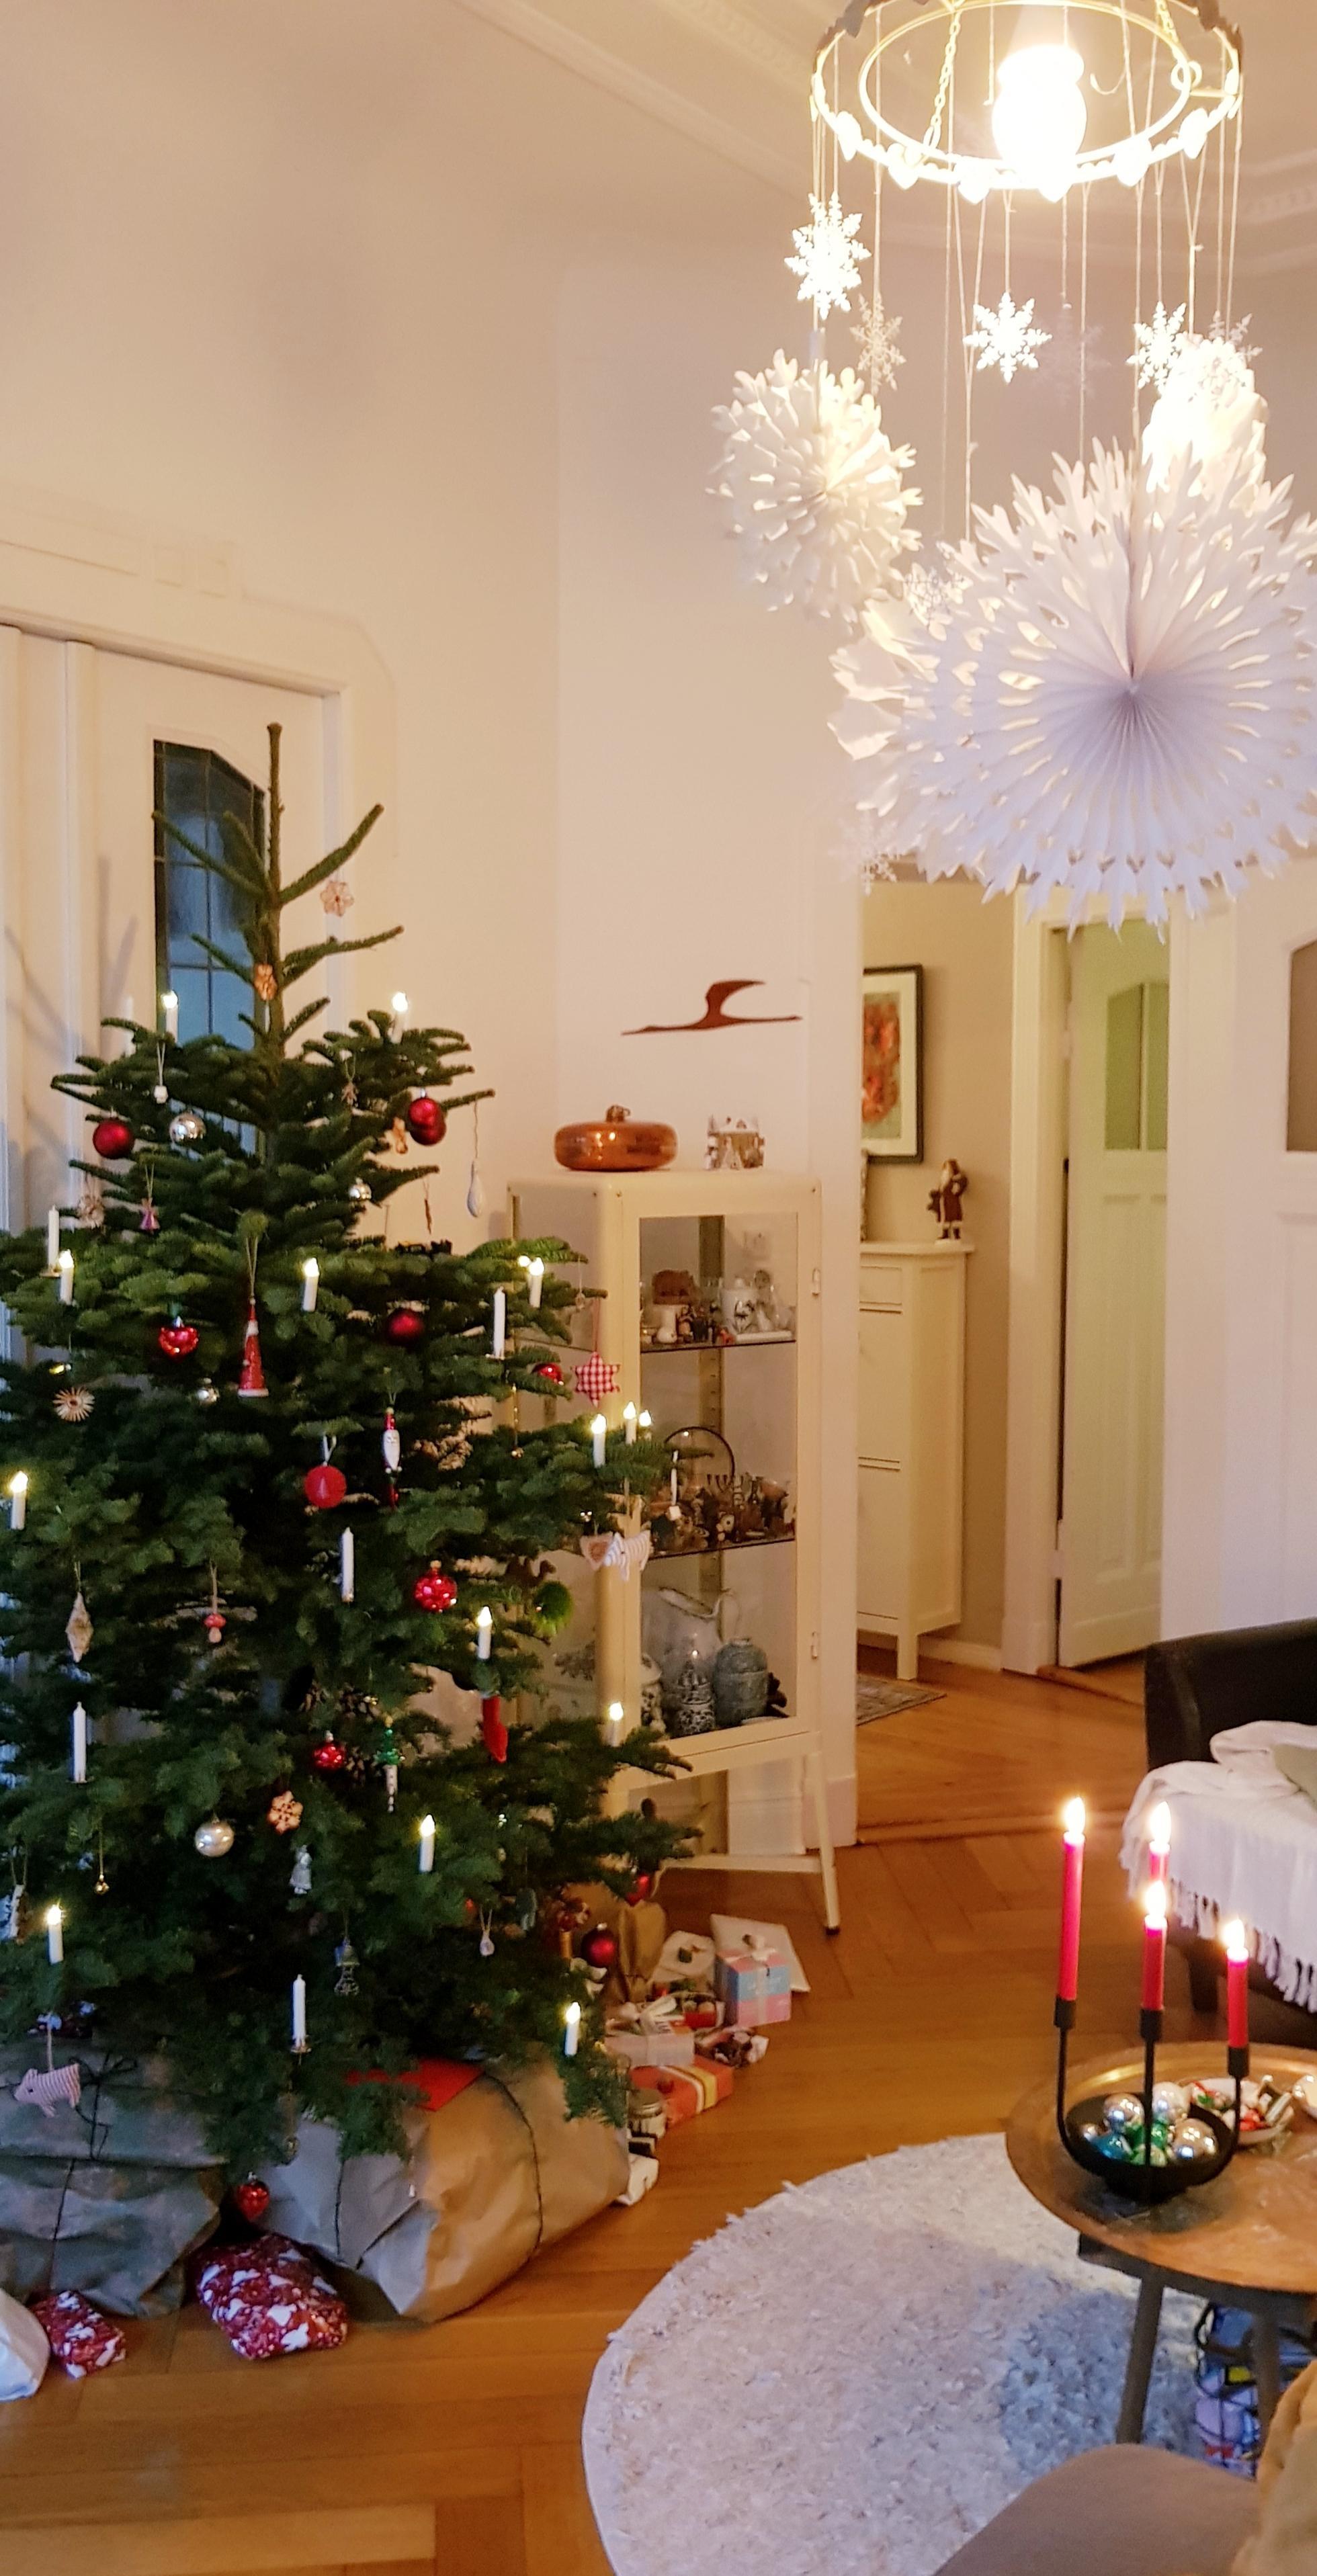 Ideen Weihnachtsbaum Schmücken.Weihnachtsbaum Schmücken So Wird S Heimelig